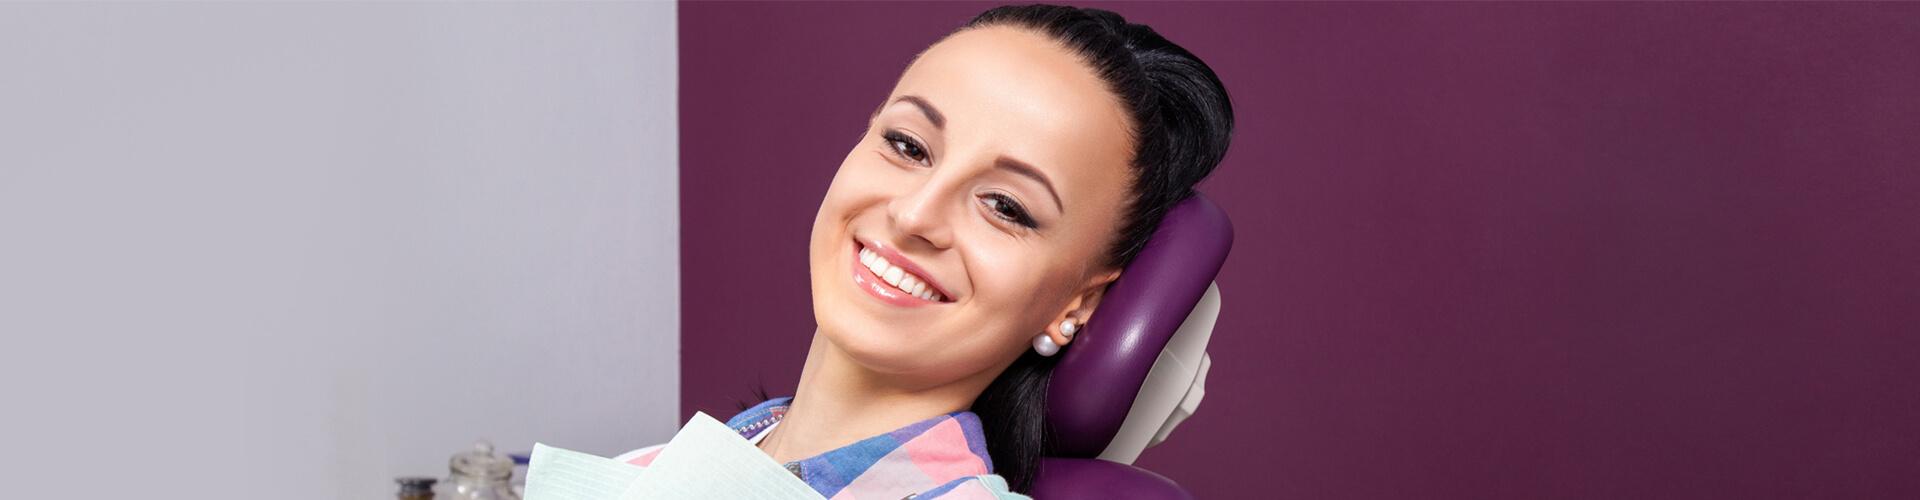 Metal Free Dentistry